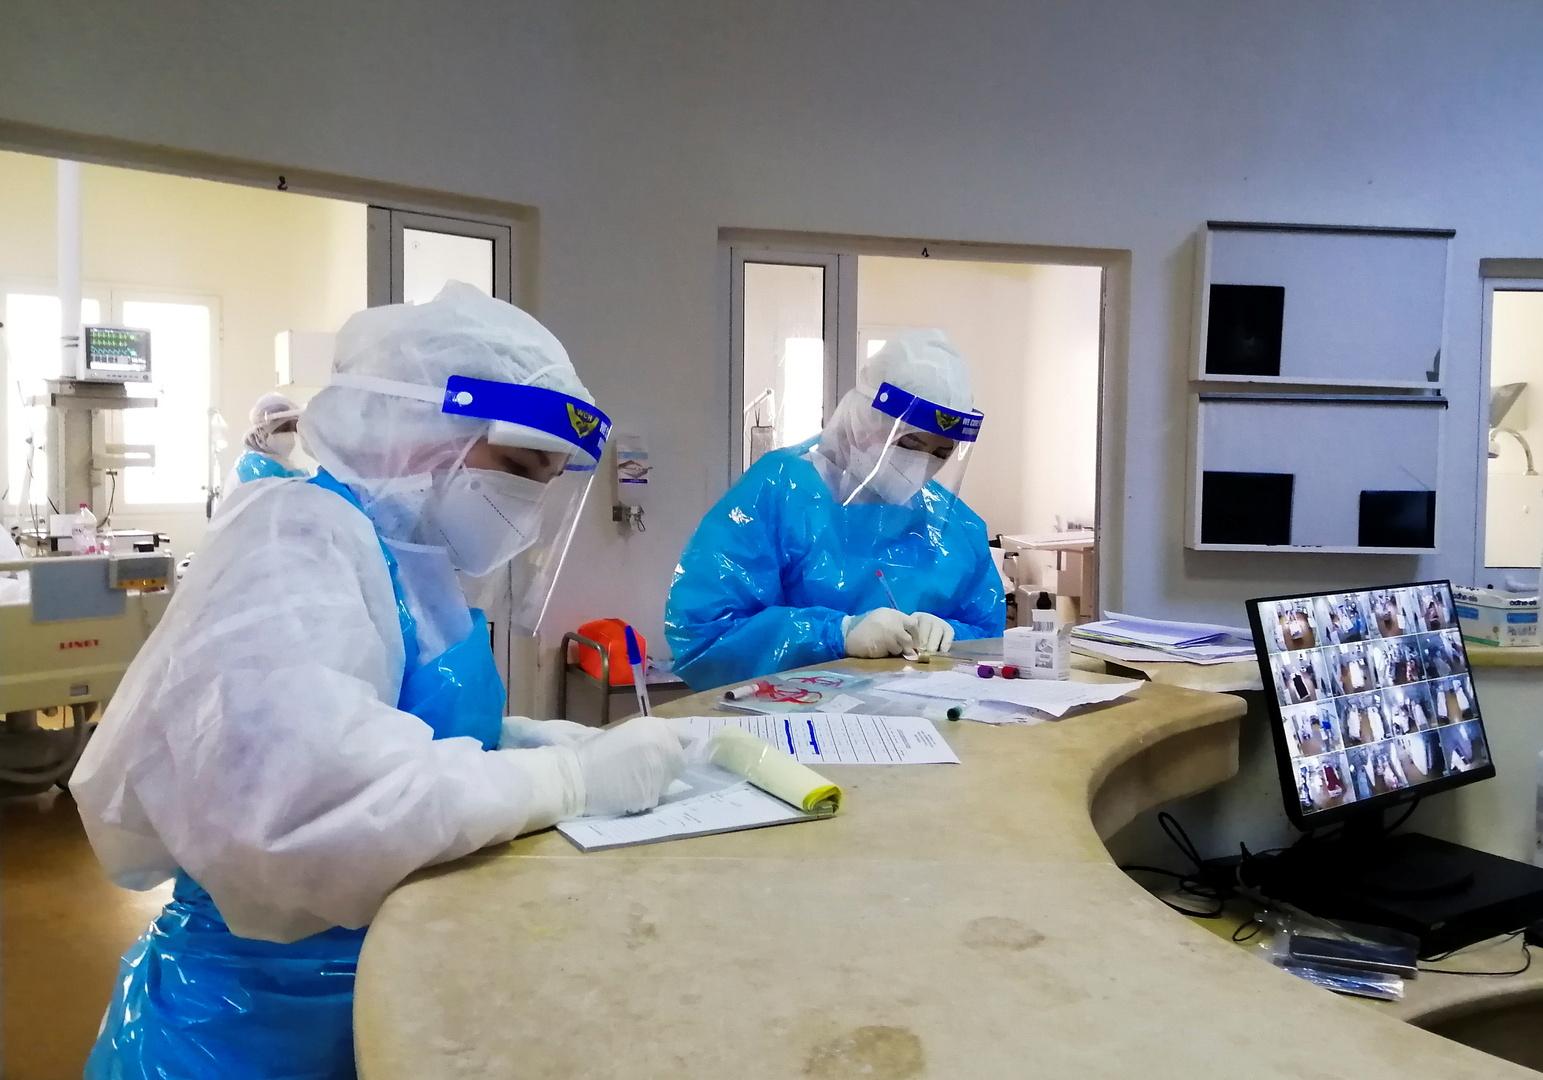 تونس.. 122 وفاة وأكثر من 2500 إصابة جديدة بفيروس كورونا